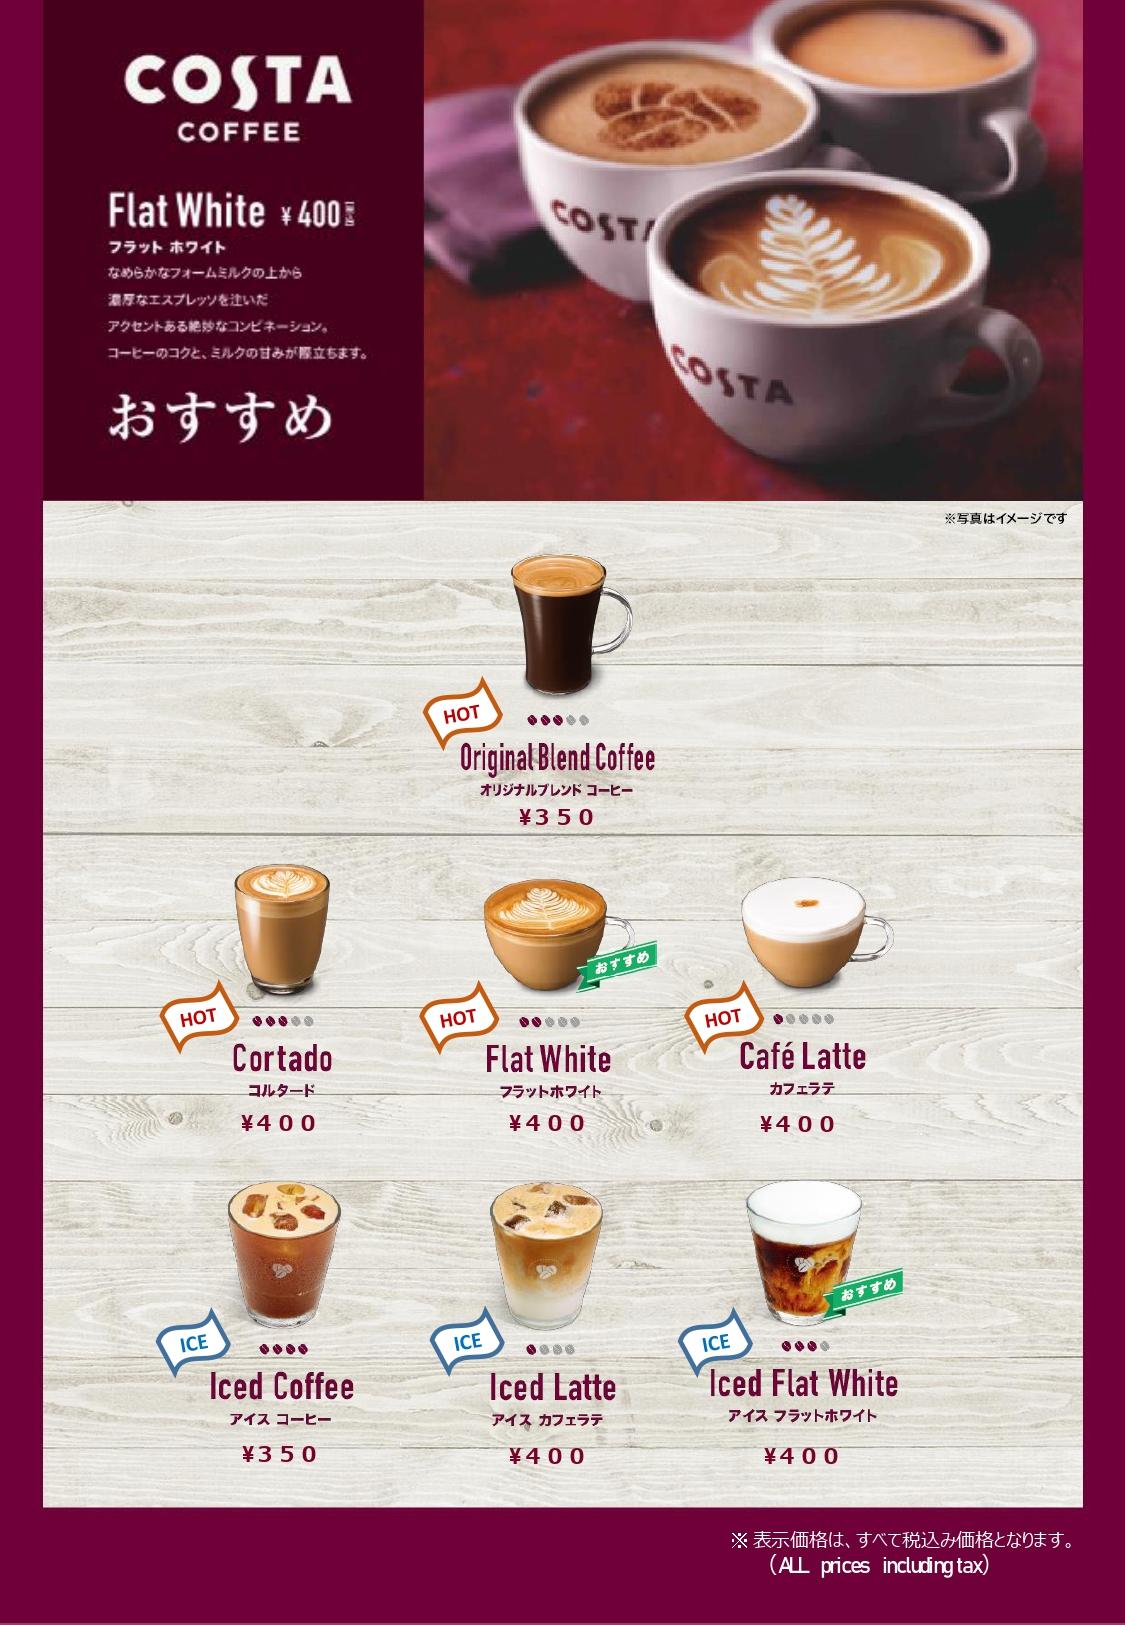 コスタコーヒー販売メニュー